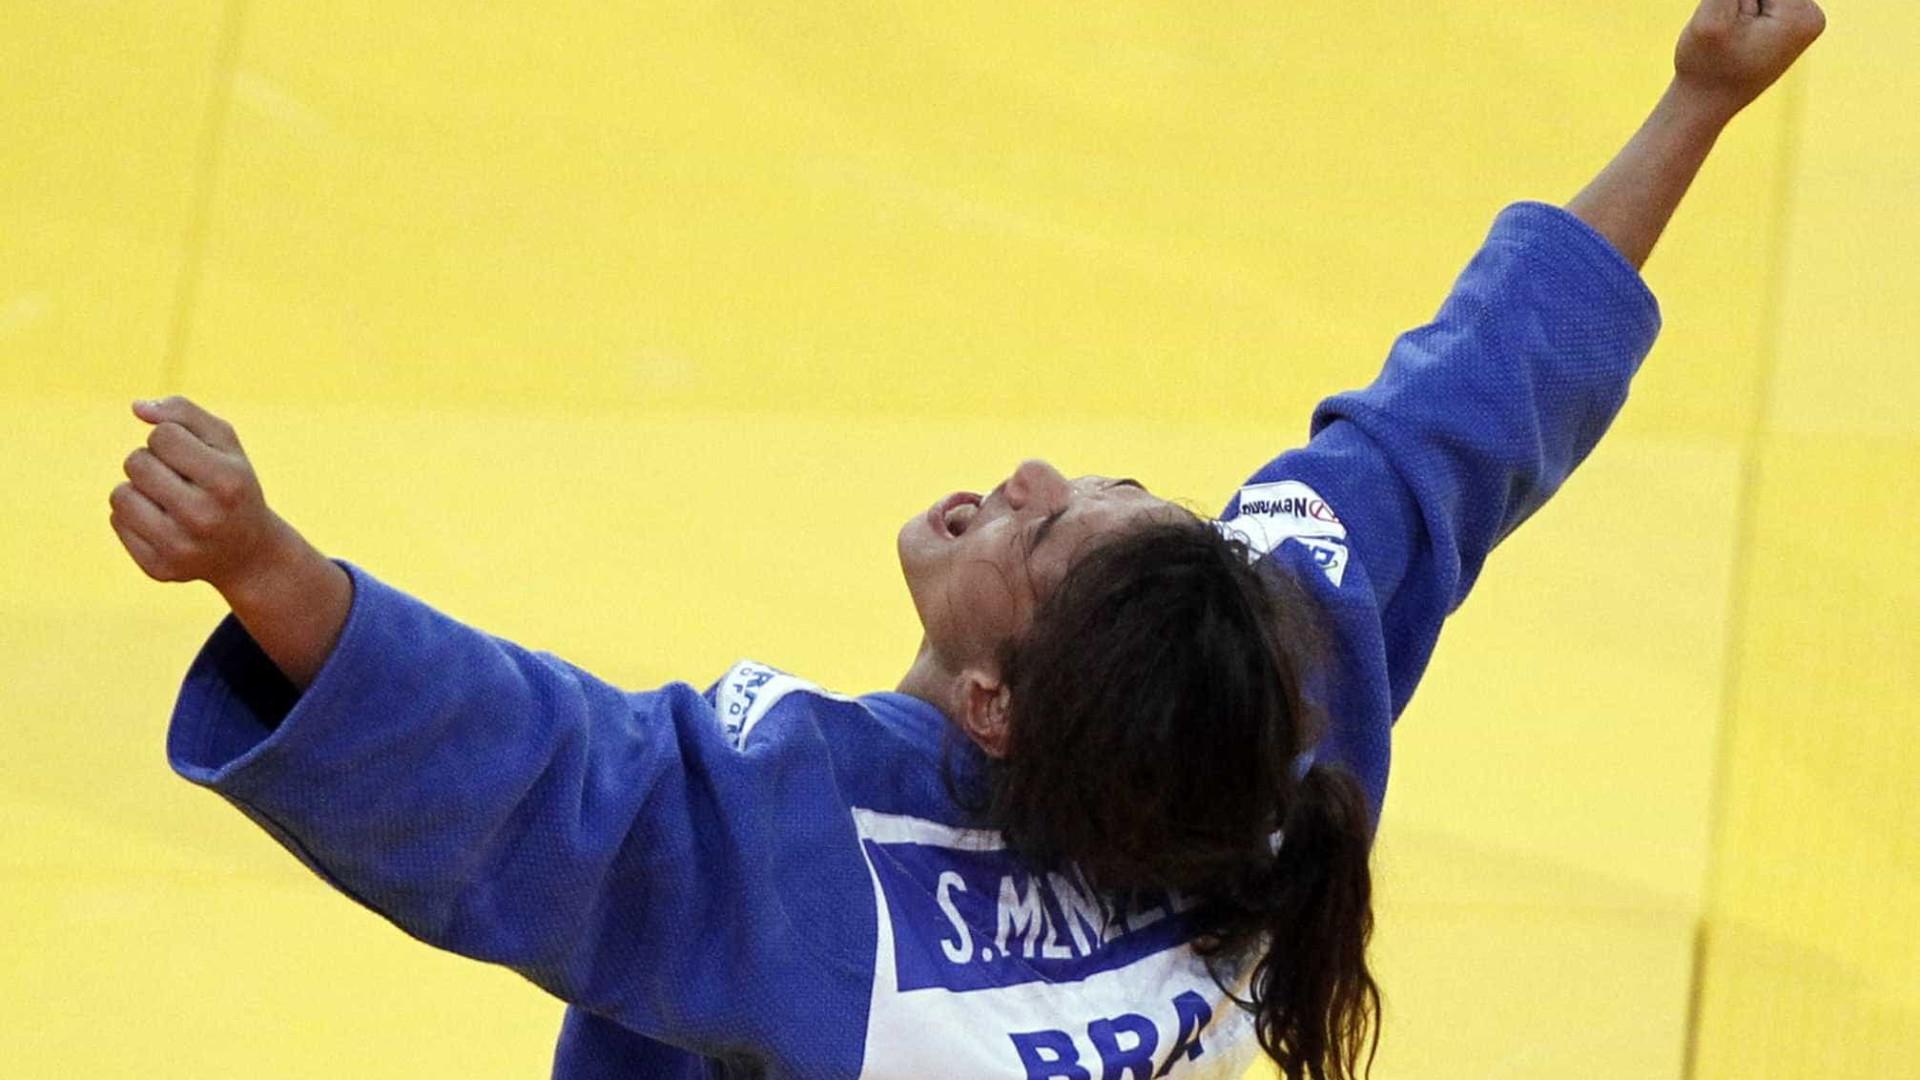 Ouro em 2012, Sarah Menezes vai para Mundial após lesão de titular